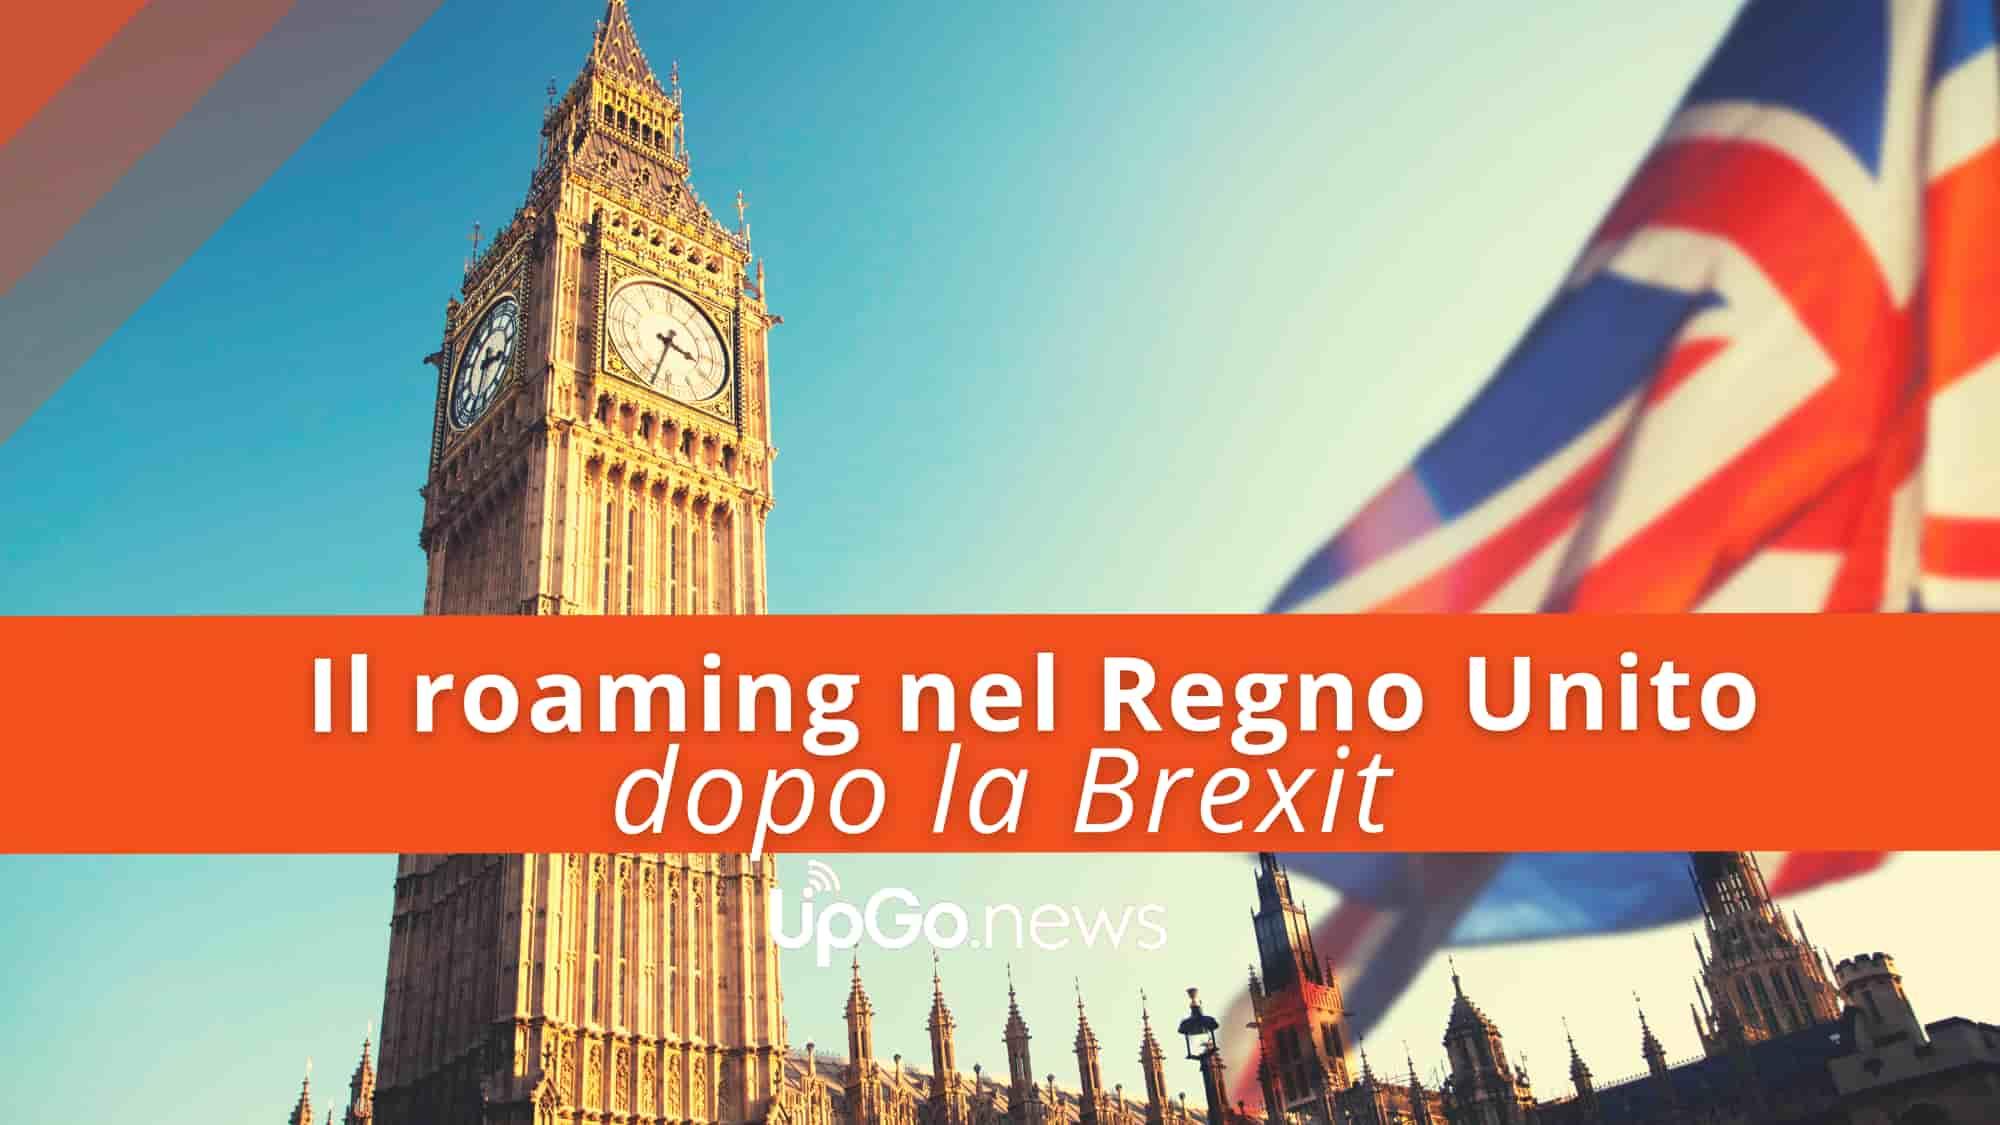 Roaming Regno Unito Brexit